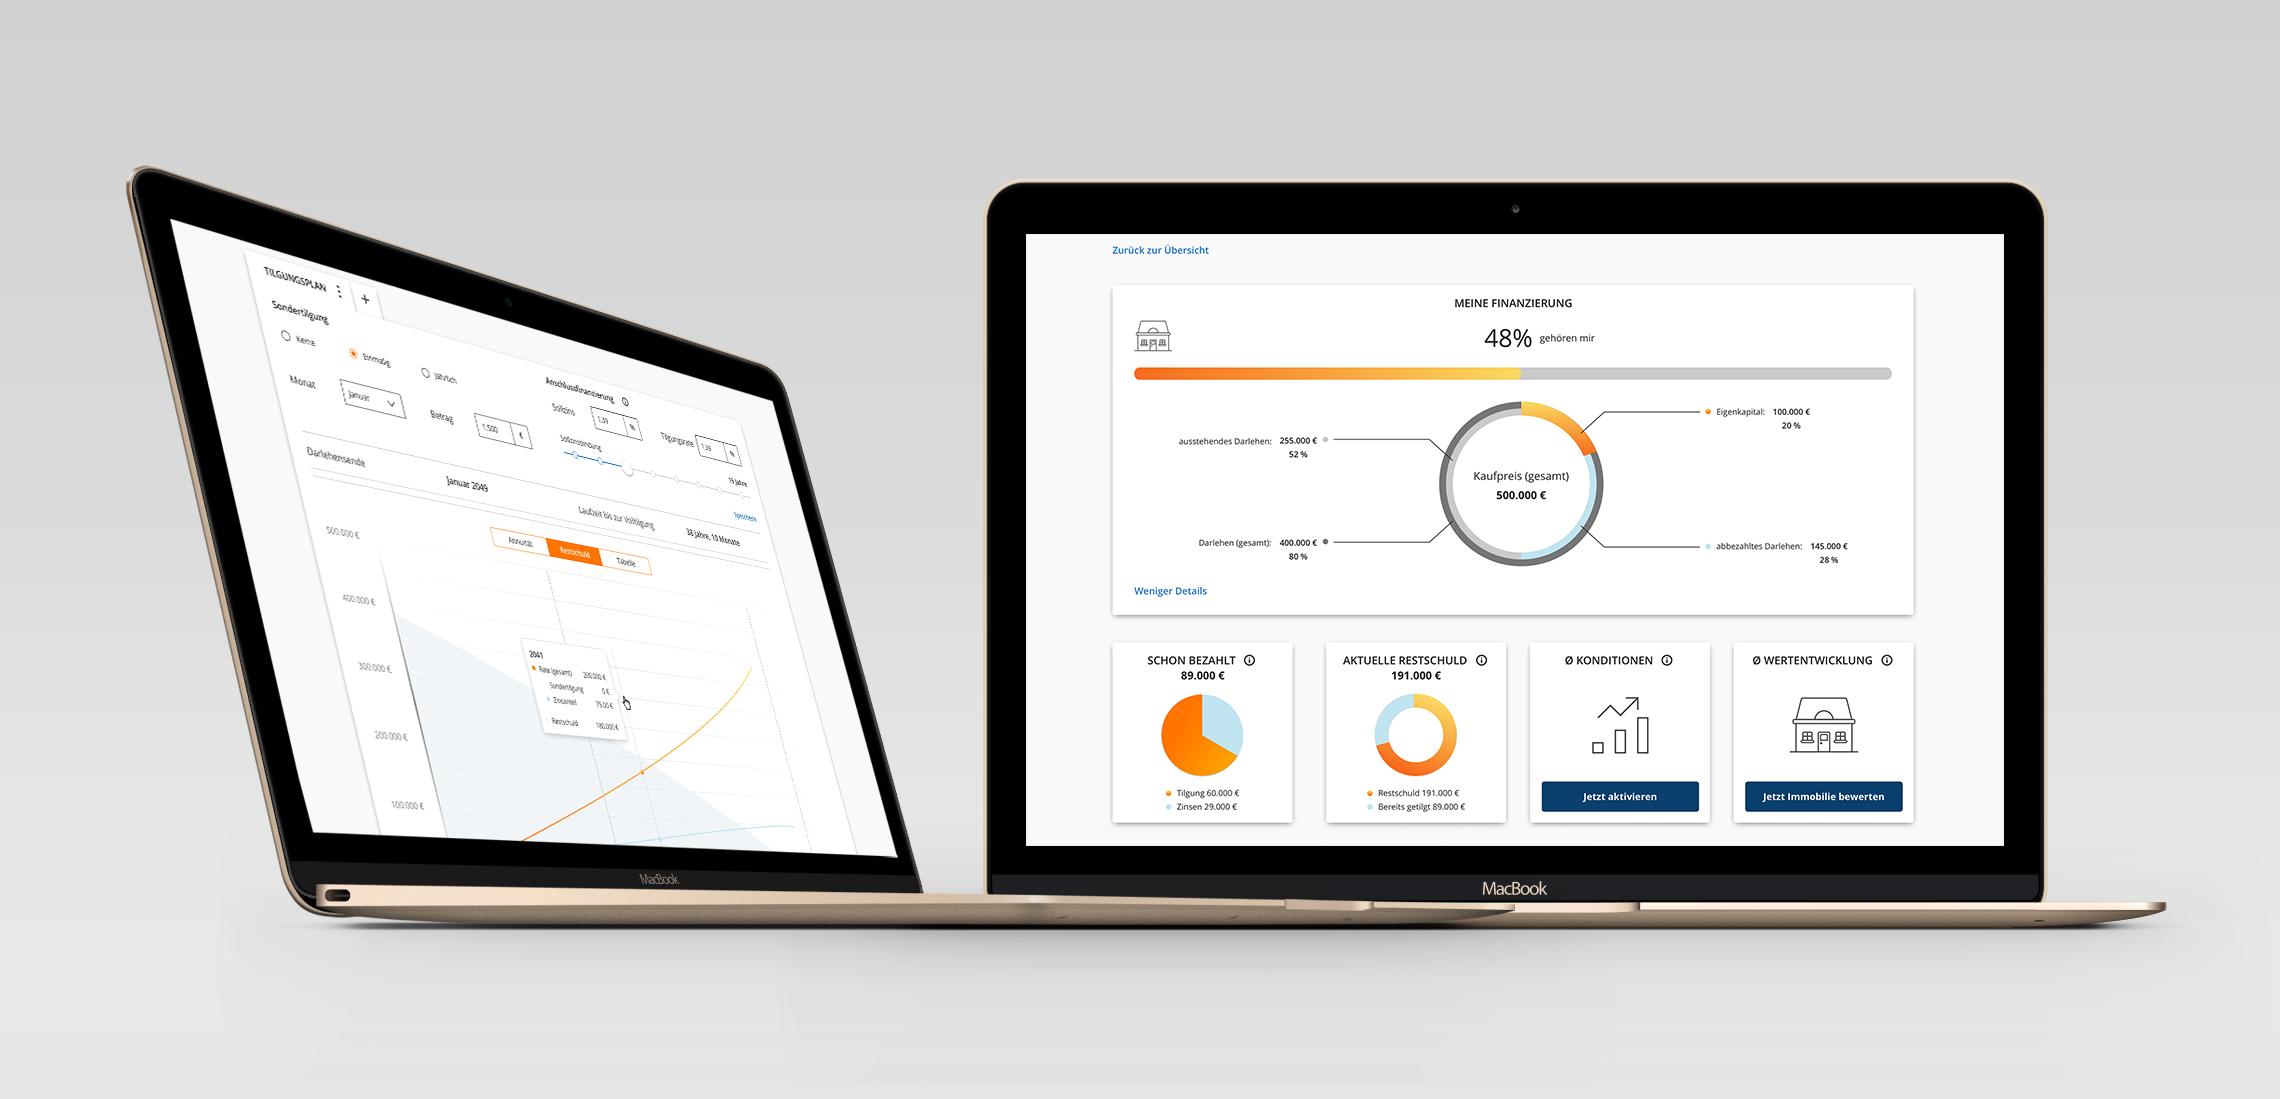 Immobilienscout24 Digitaler Finanzierungsmanager Dashboard Desktop